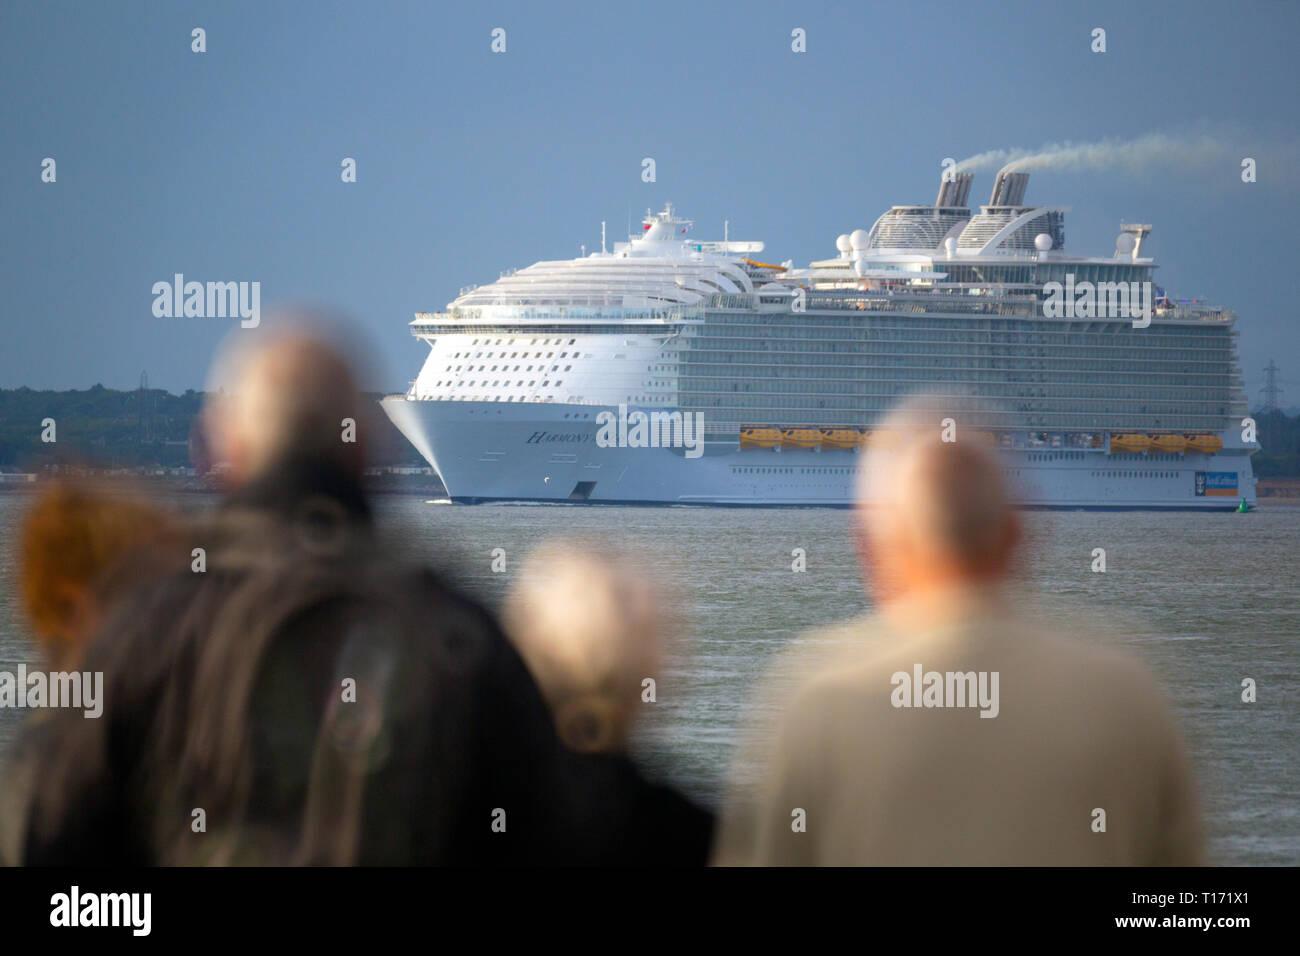 La pollution massive,grands,Harmonie,de la mer, bateau de croisière, bateau, Cowes, île de Wight, le Solent,laissant,Southampton,Port,, England, UK, Photo Stock